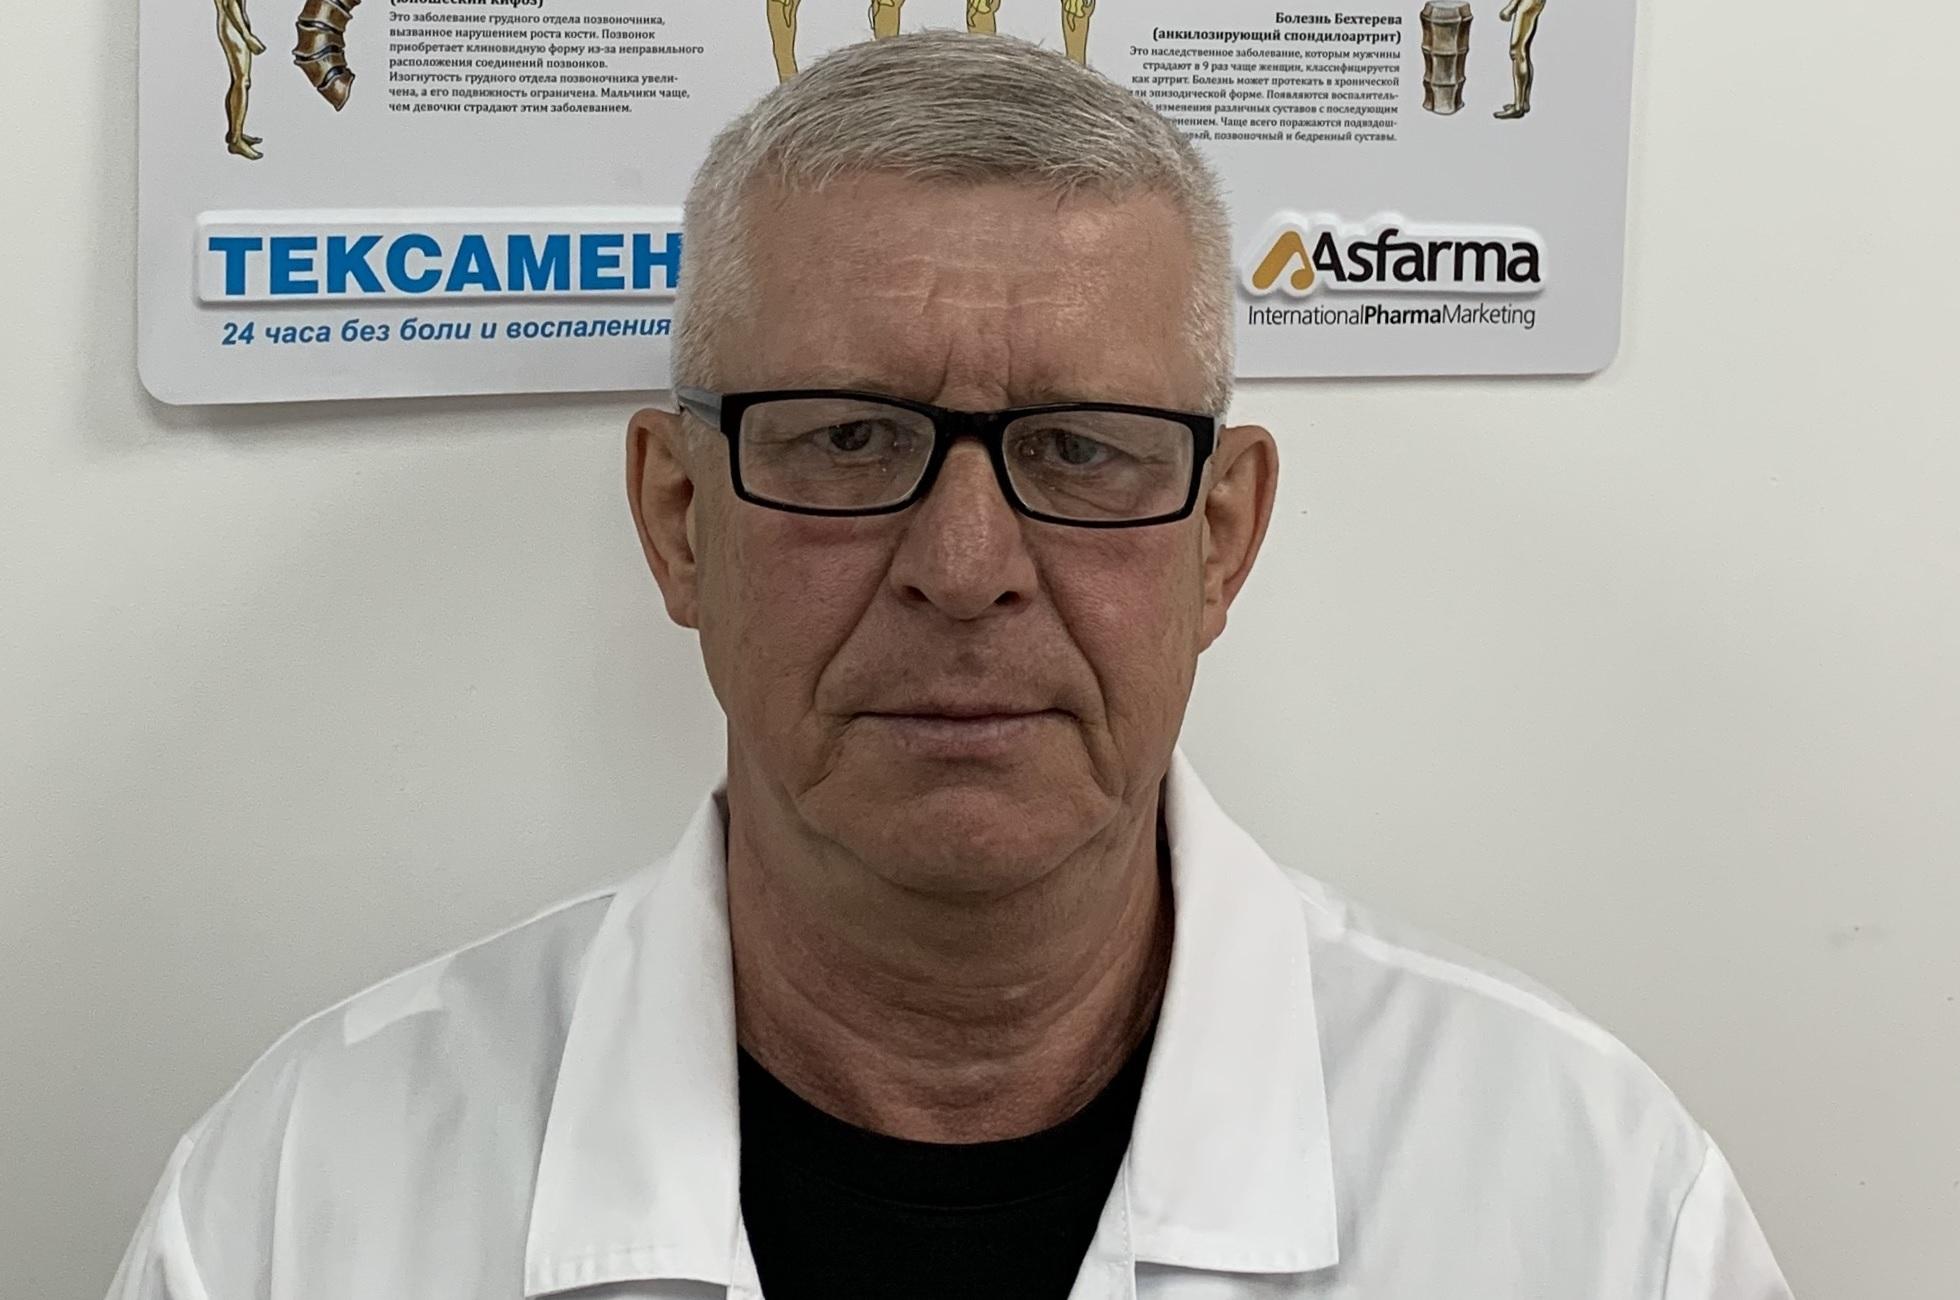 В нашей дружной команде появился еще один профессионал, мануальный терапевт Нигаматзянов Ринат Тимерхонович